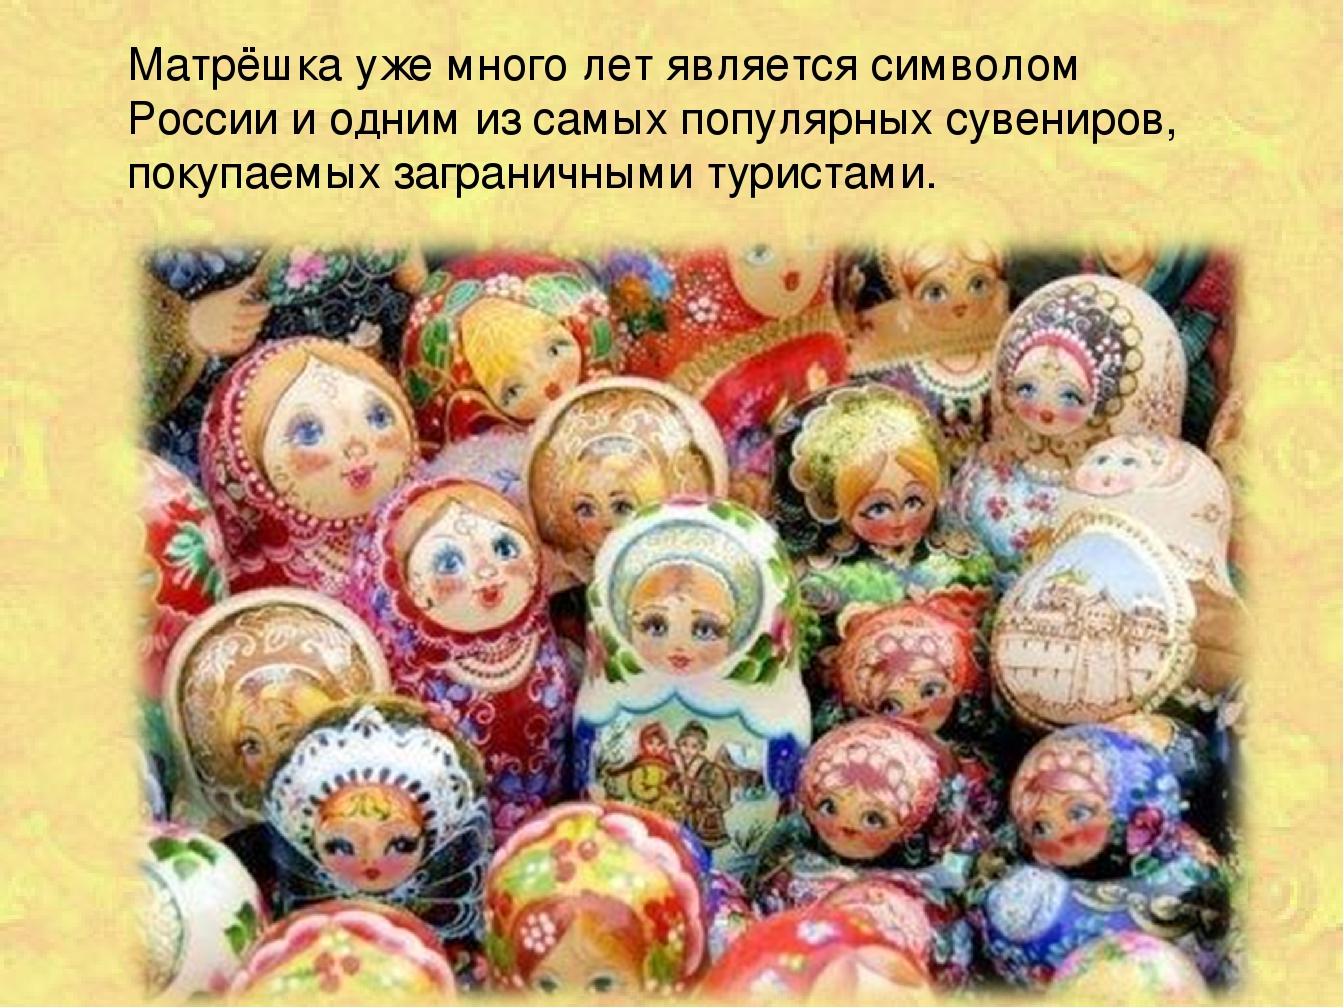 Матрёшка уже много лет является символом России и одним из самых популярных с...